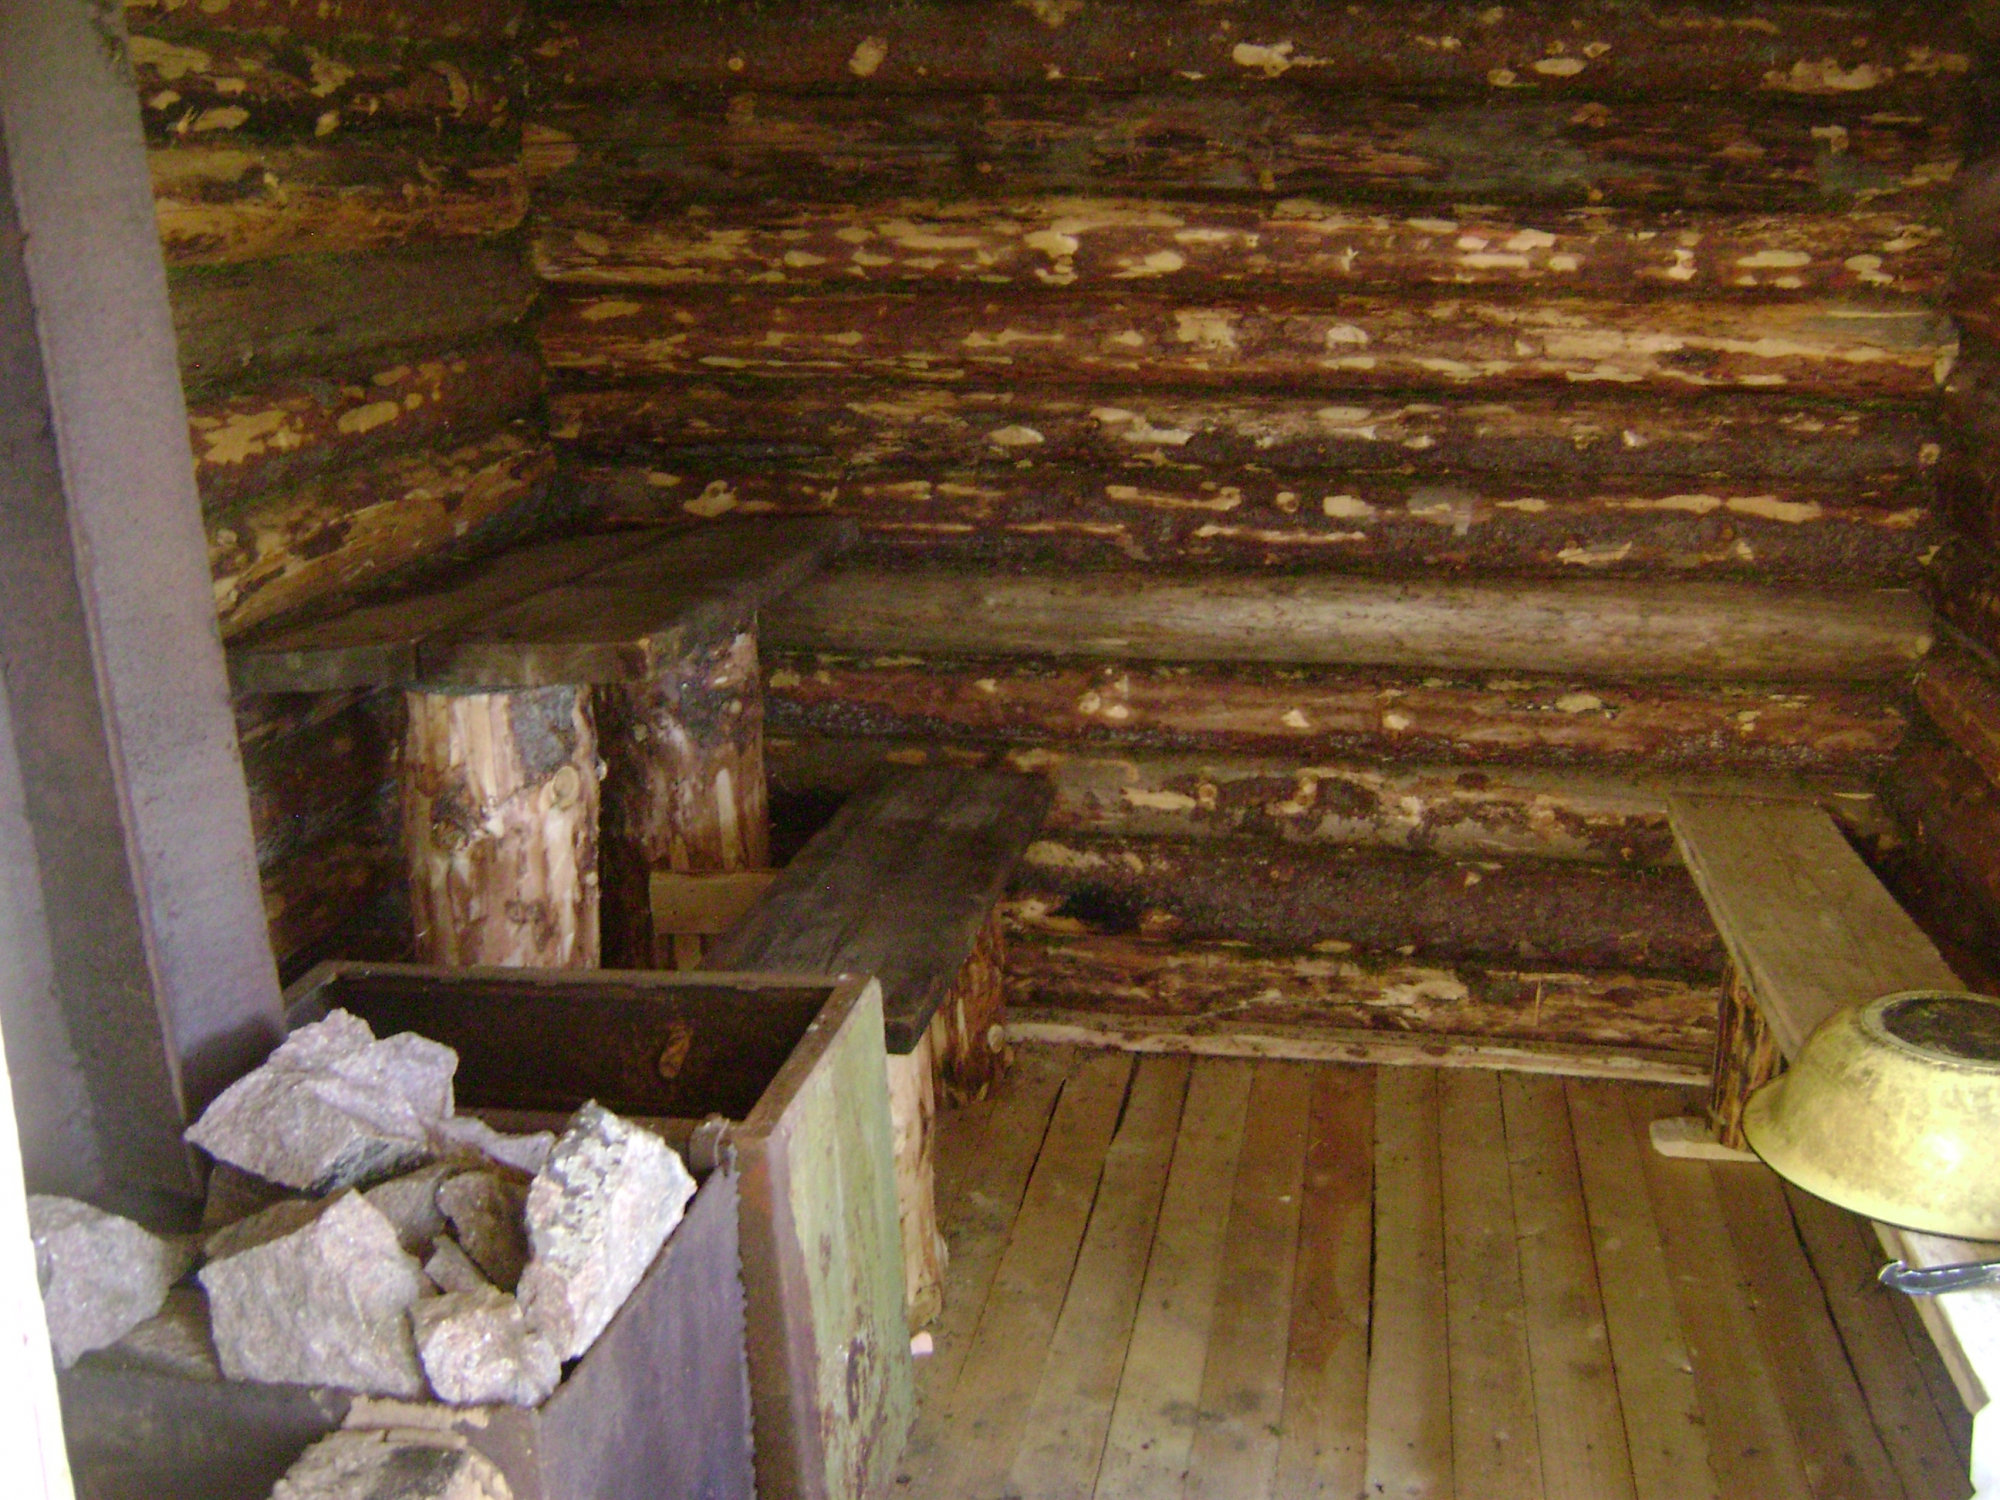 Бани на руси: история, особенности, устройство, традиции